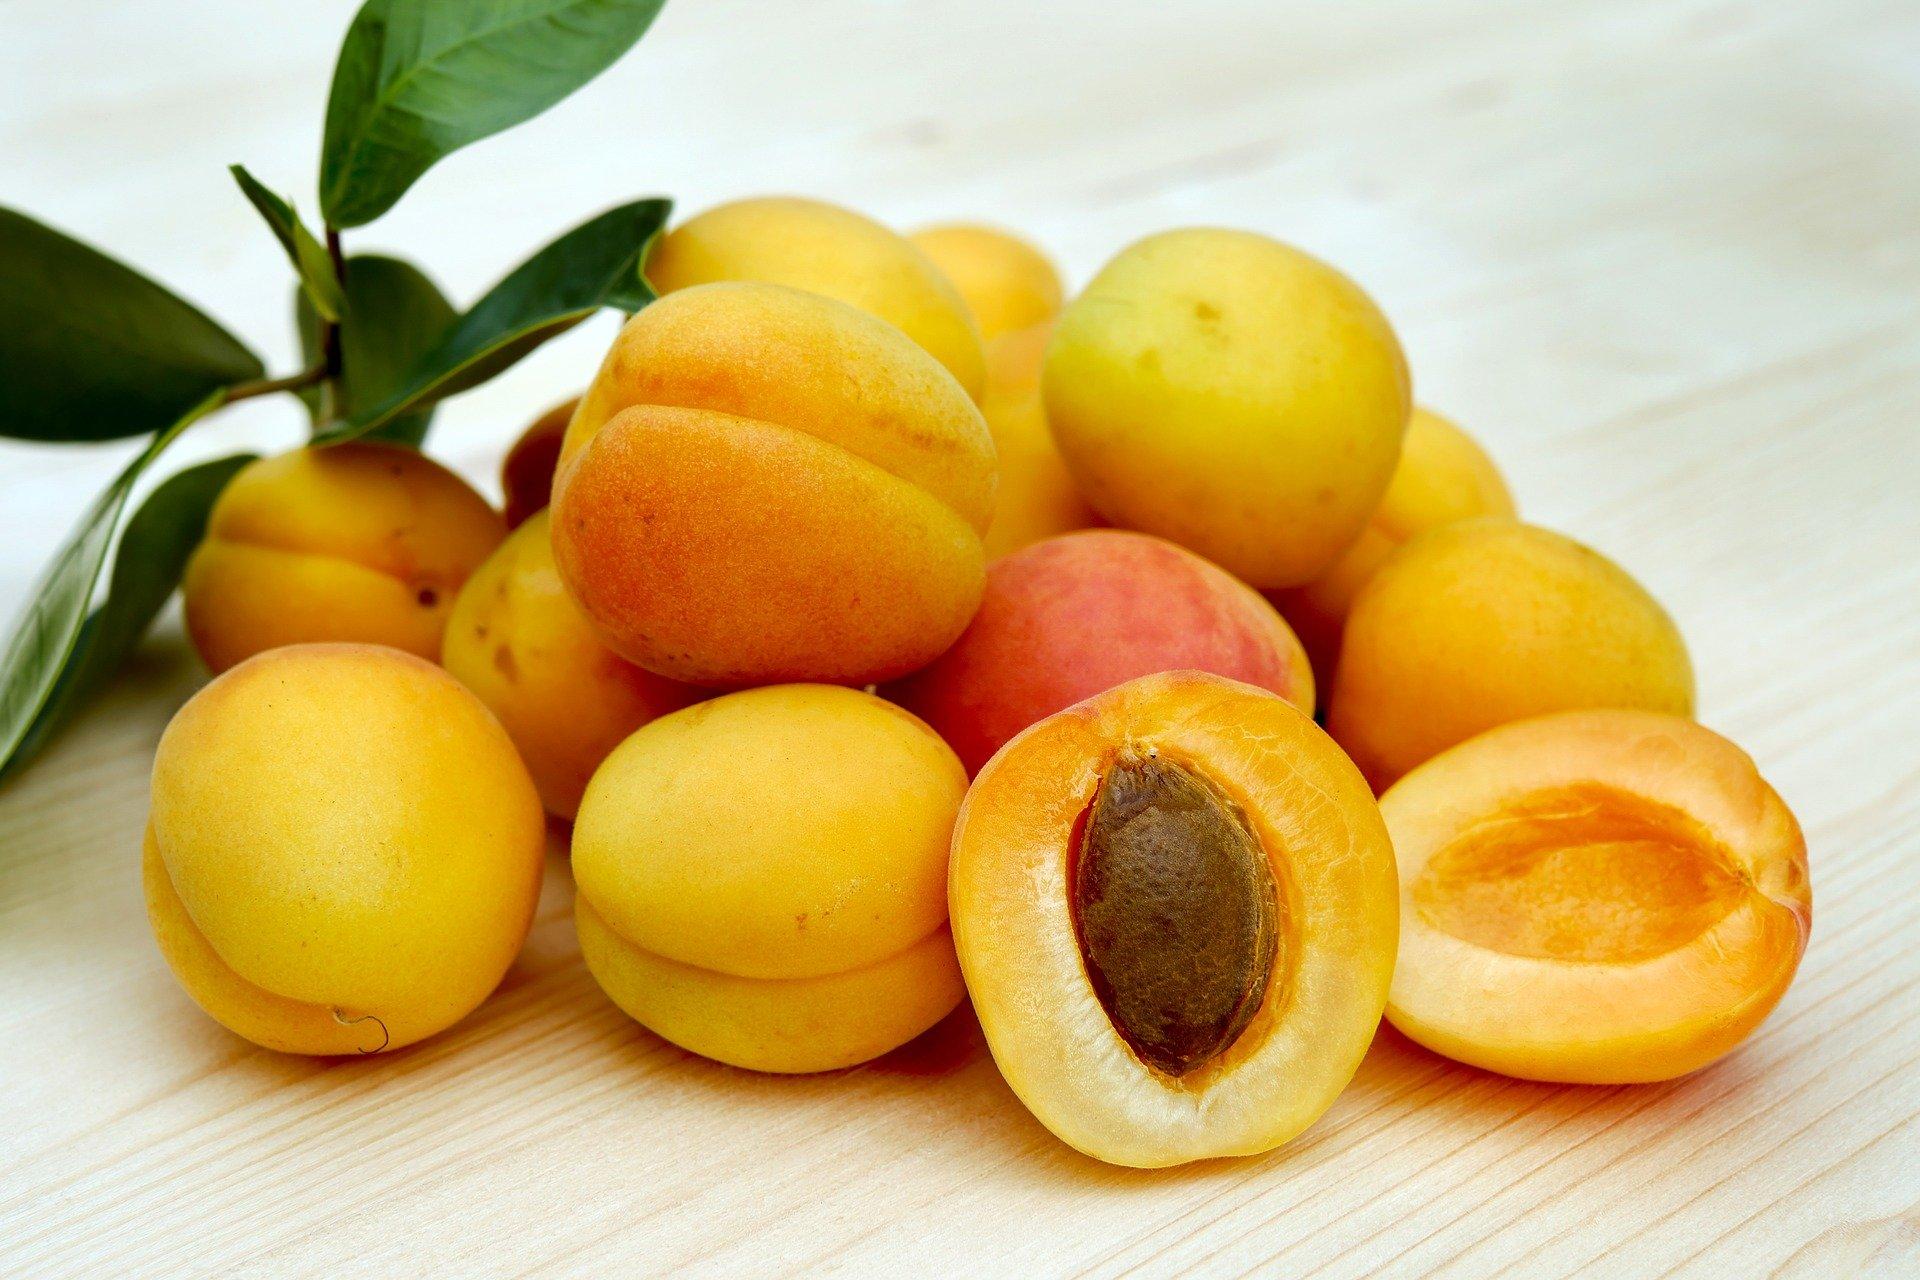 aprire una frutteria